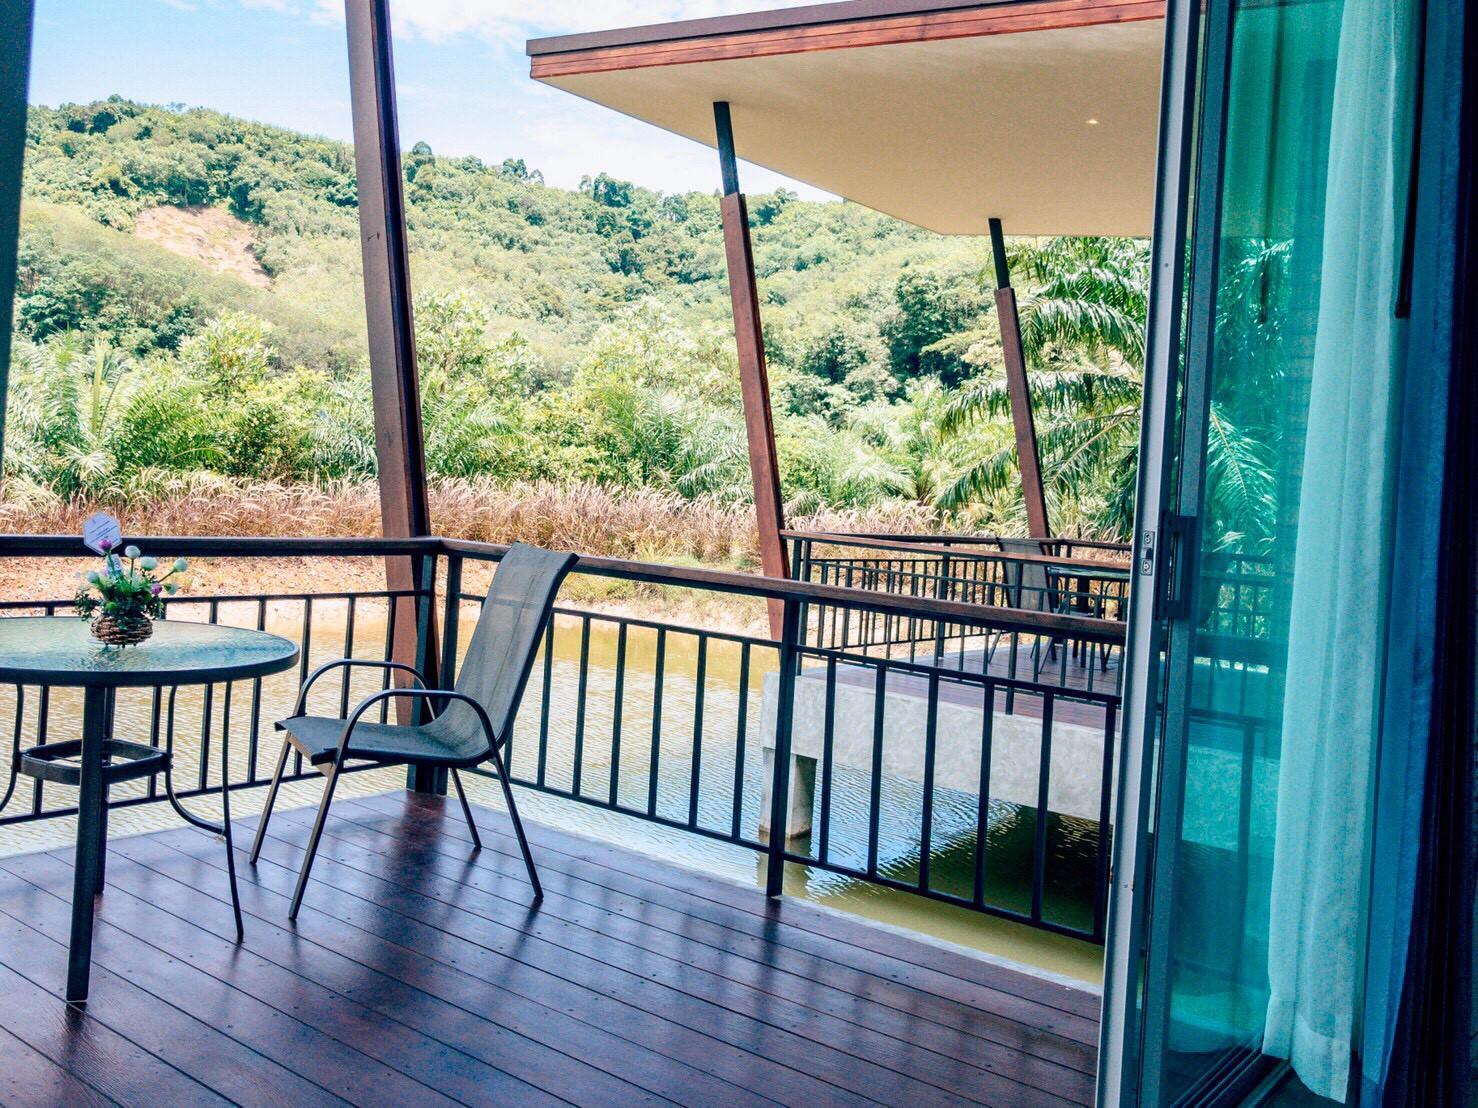 Amantra Lake View Resort